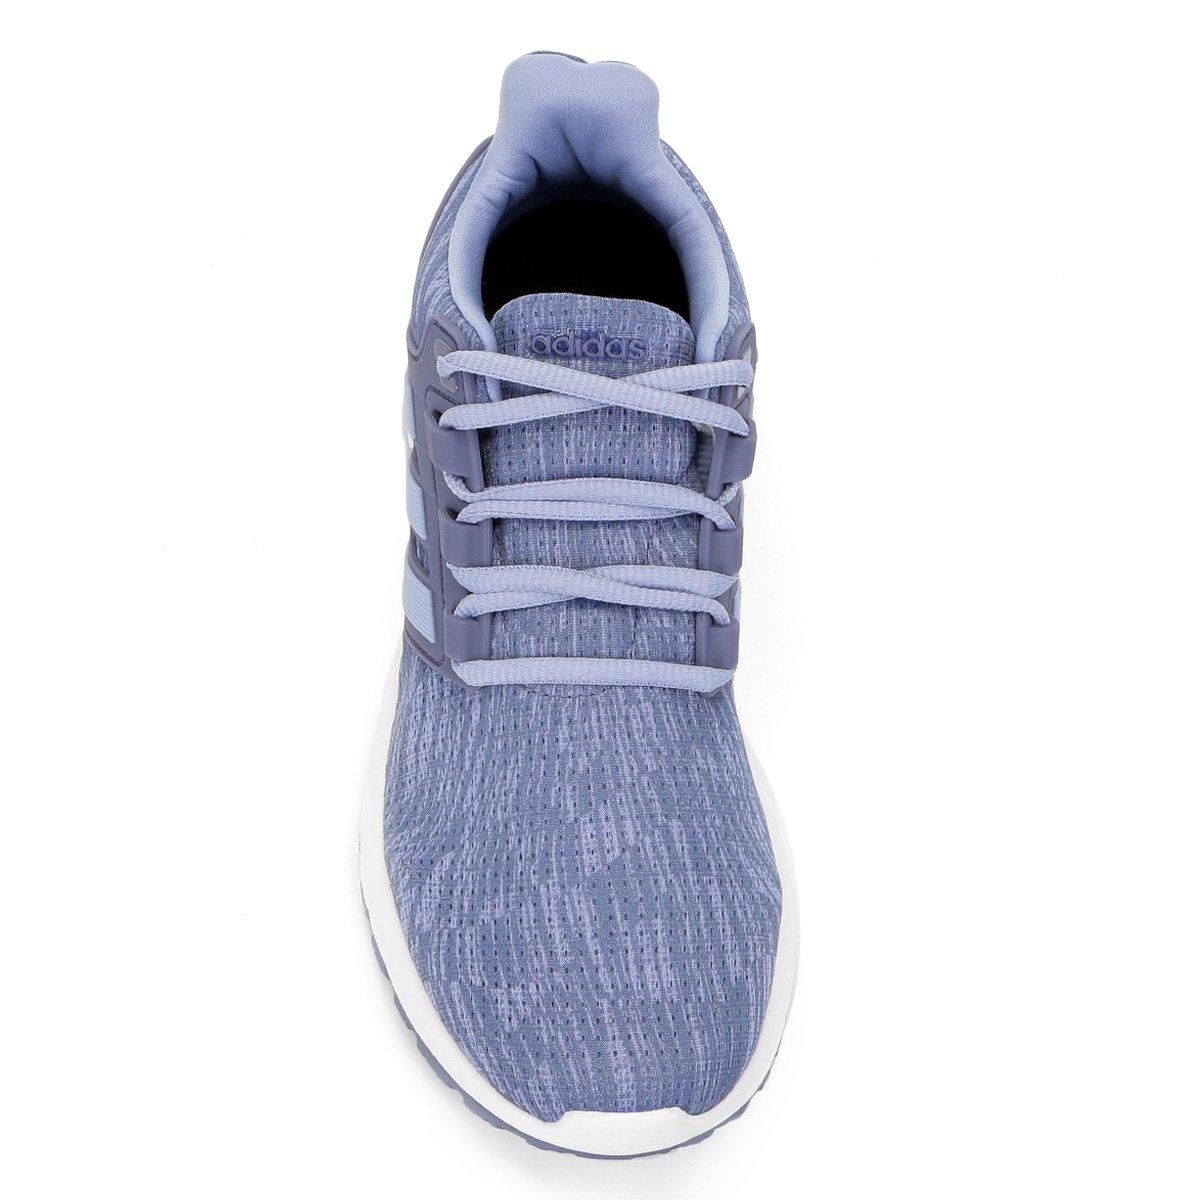 Tênis Adidas Energy Cloud 2 Feminino - Azul - Compre Agora  4be9407c687a5